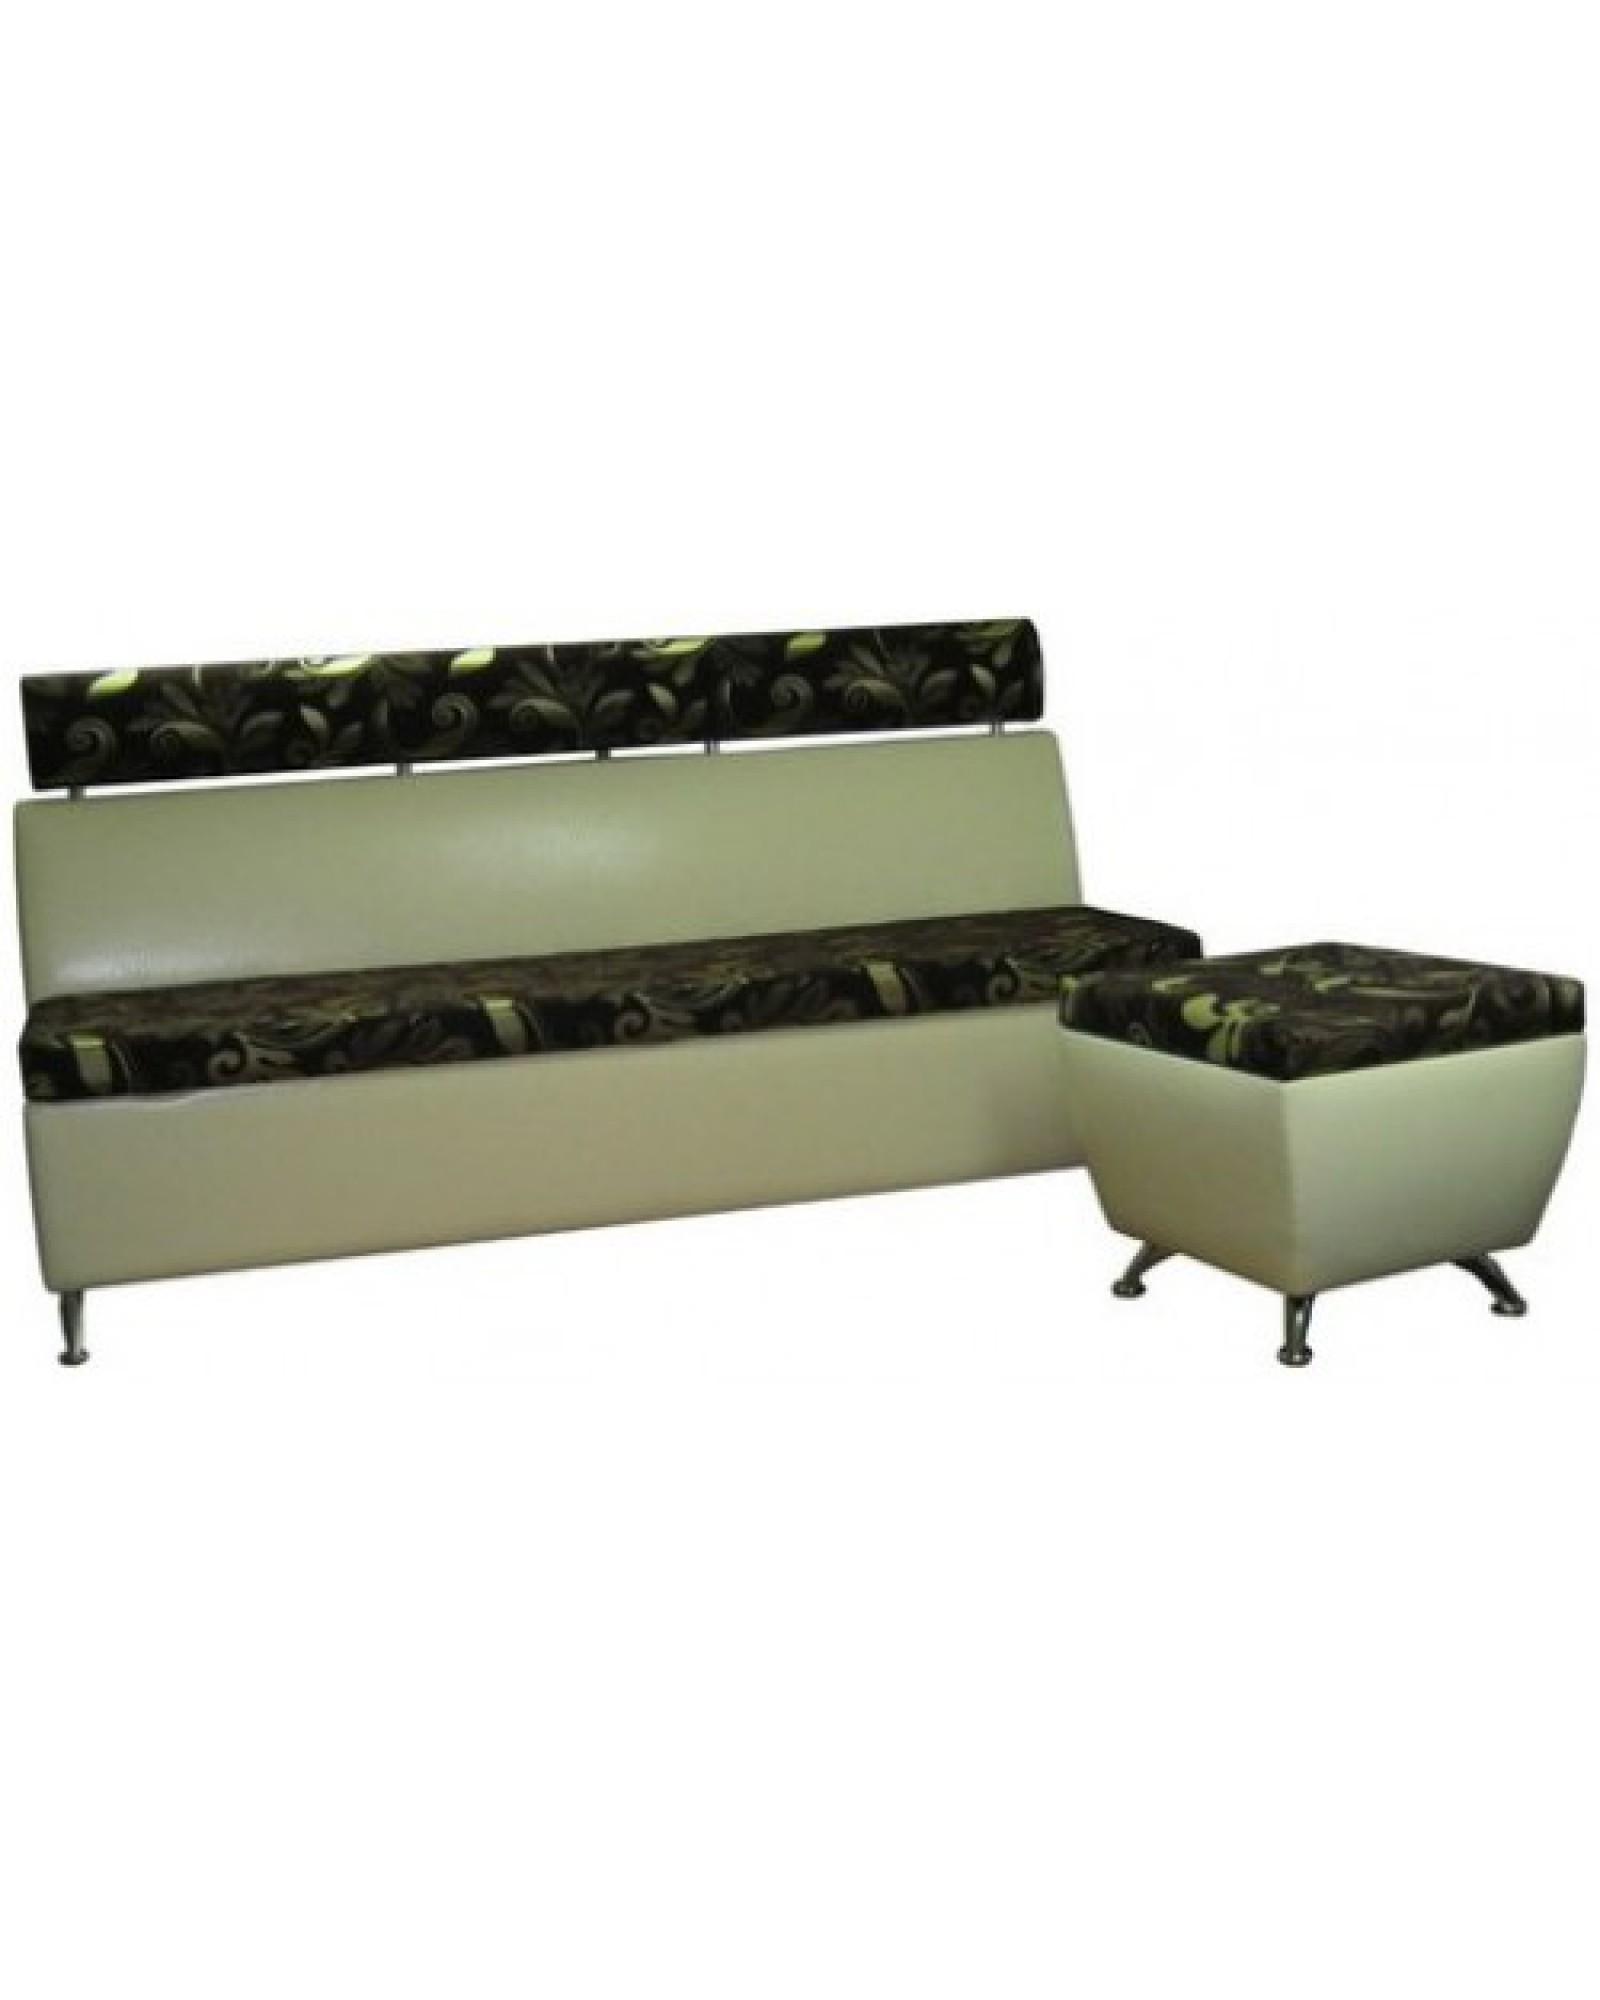 Атташе 1:  Кухонный диван с подголовником